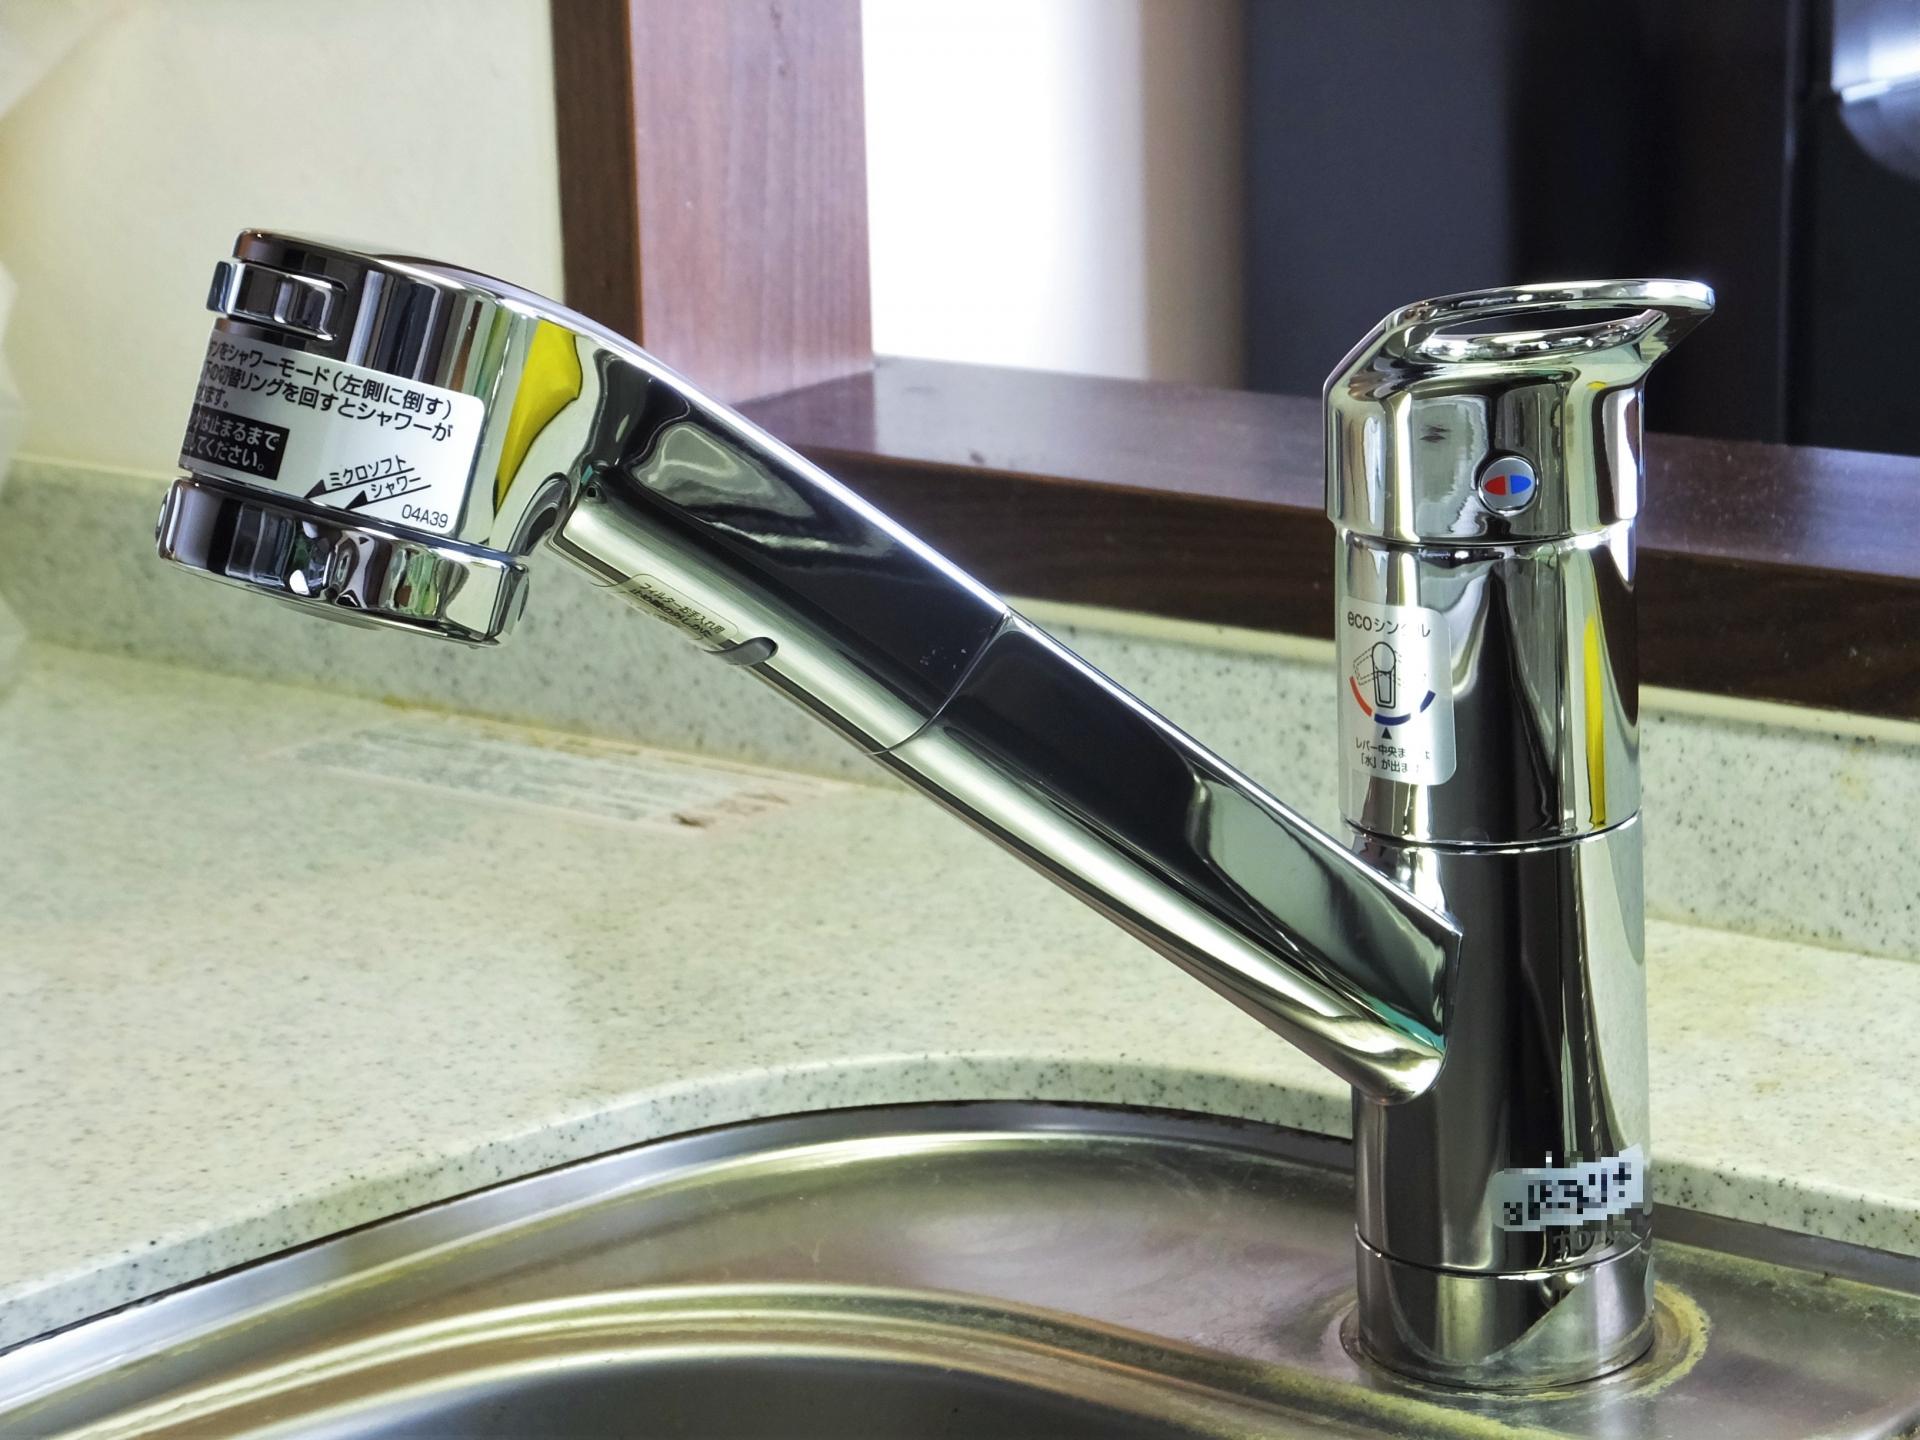 水栓のスパウト形状(ストレート)